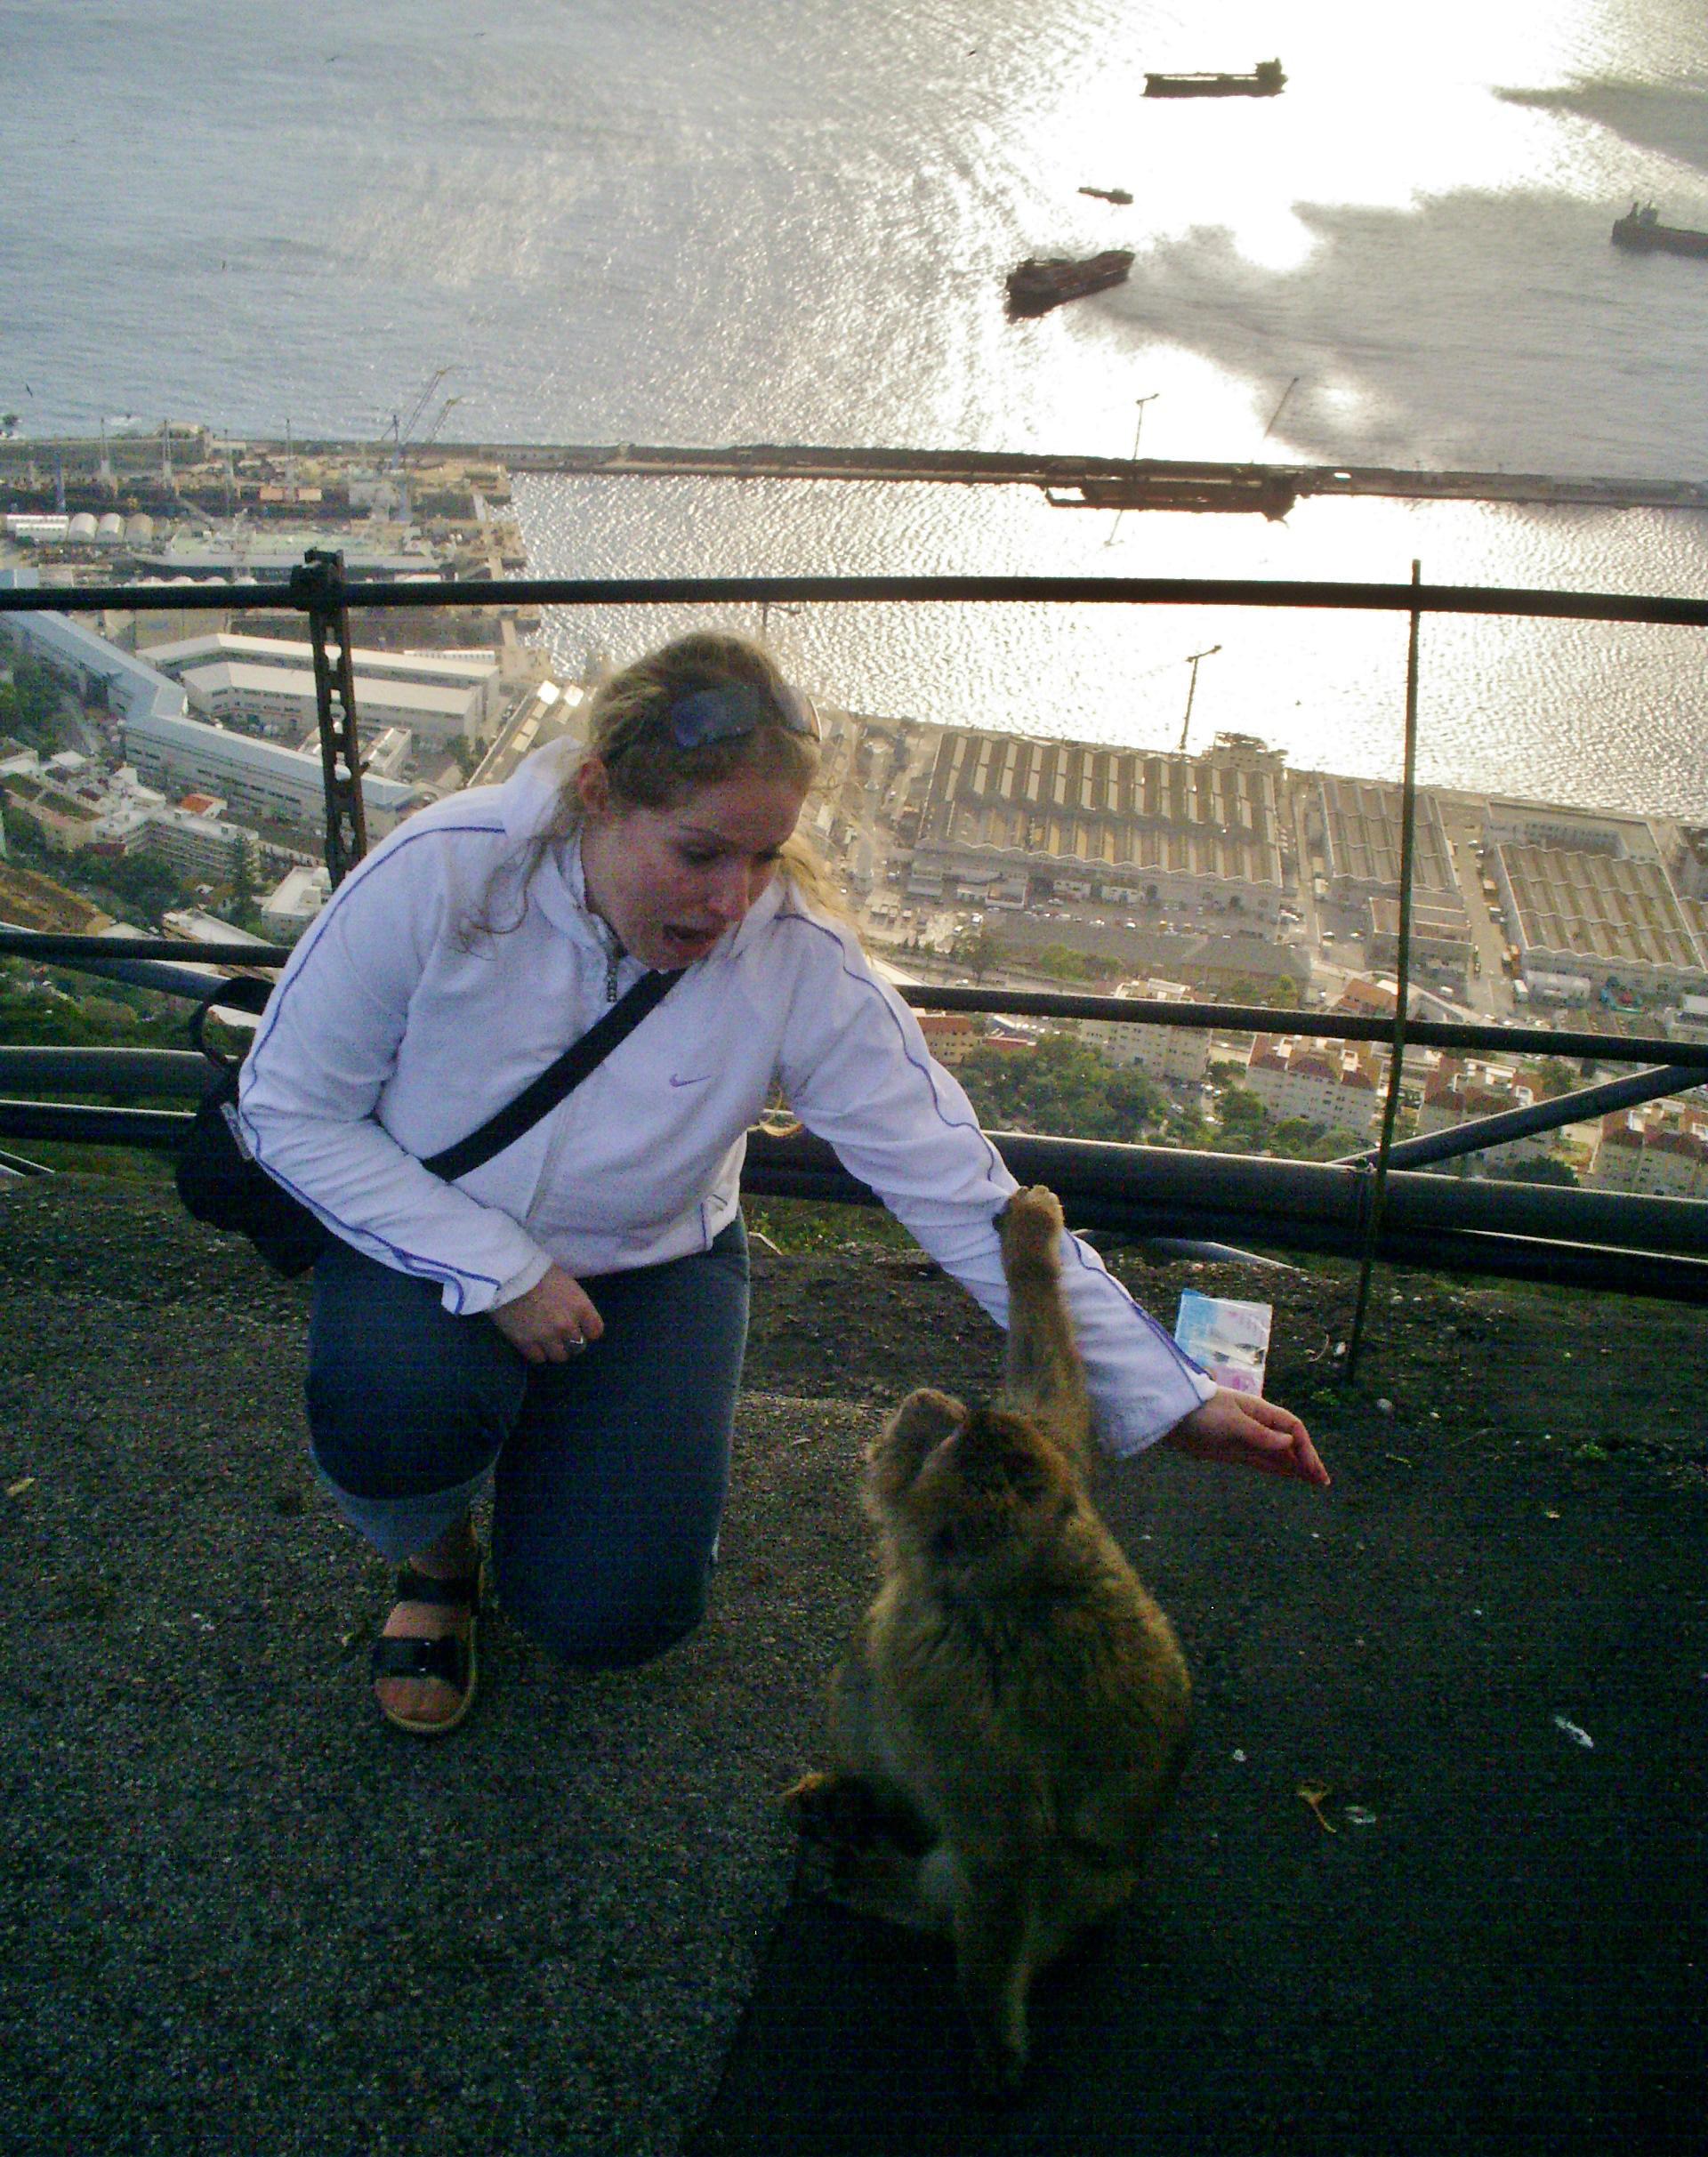 Gibraltar 26.3. 2009